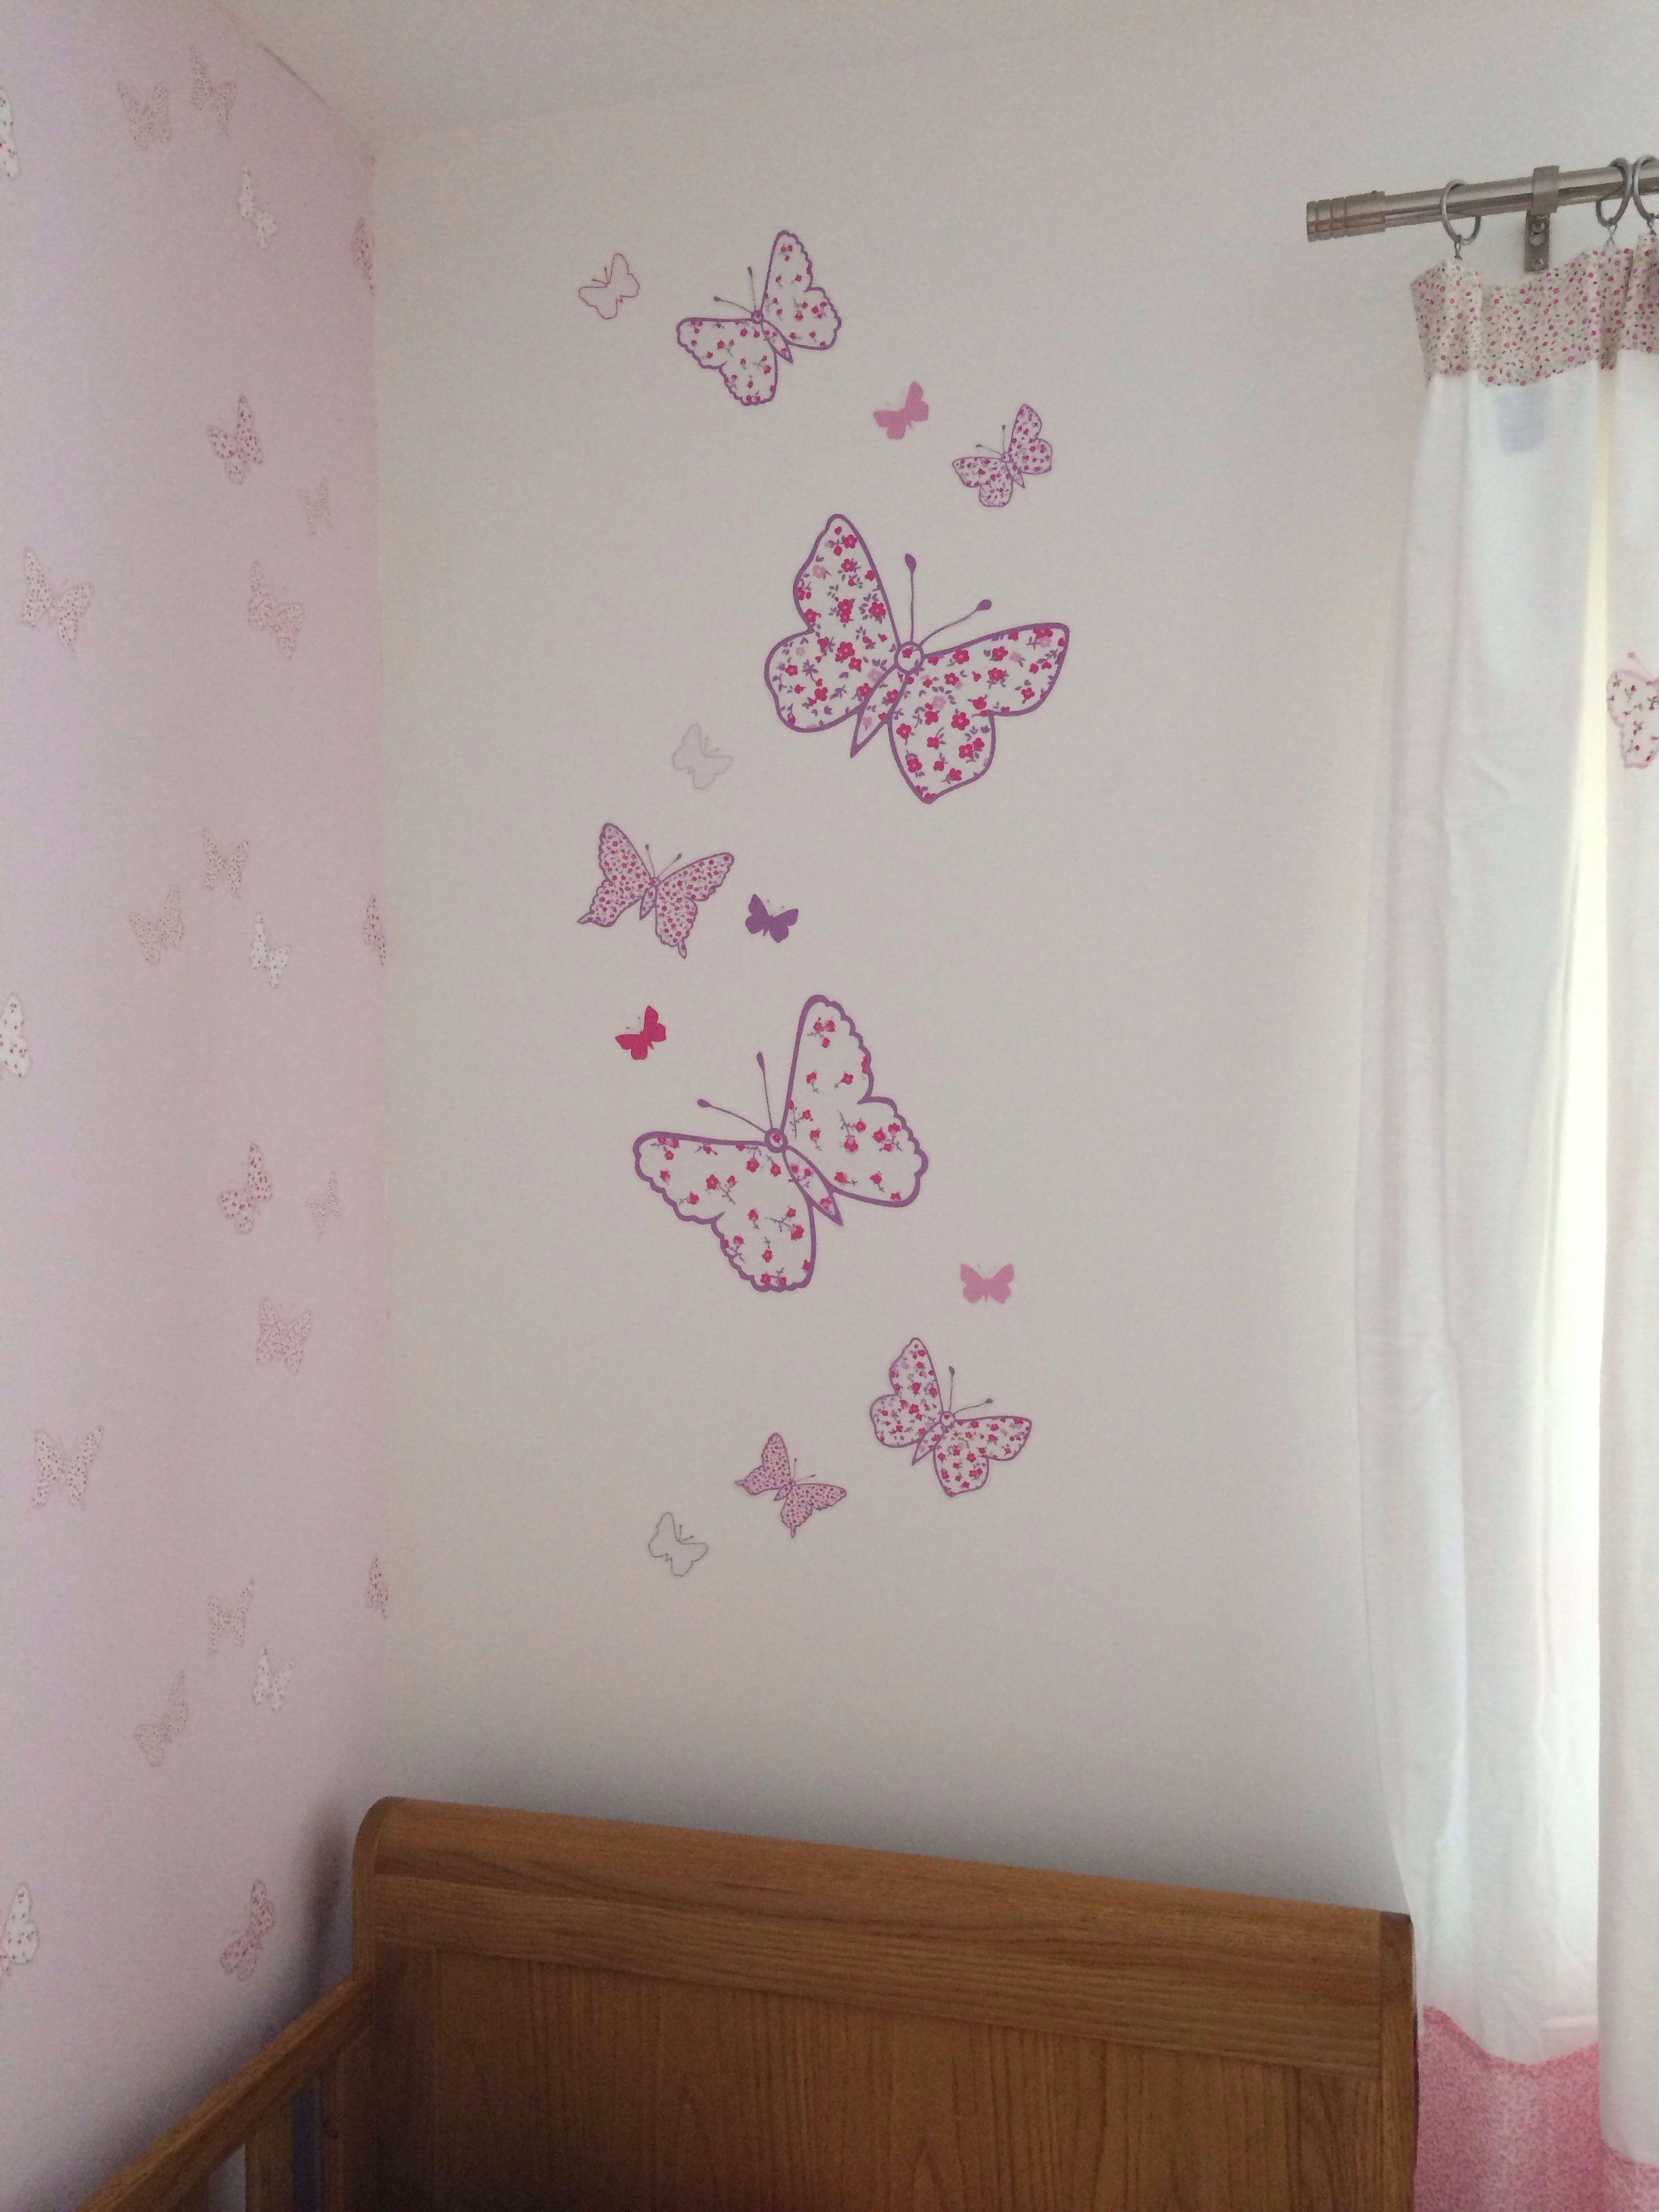 best 25 butterfly wall stickers ideas on pinterest butterfly laura ashley bella butterfly wall stickers